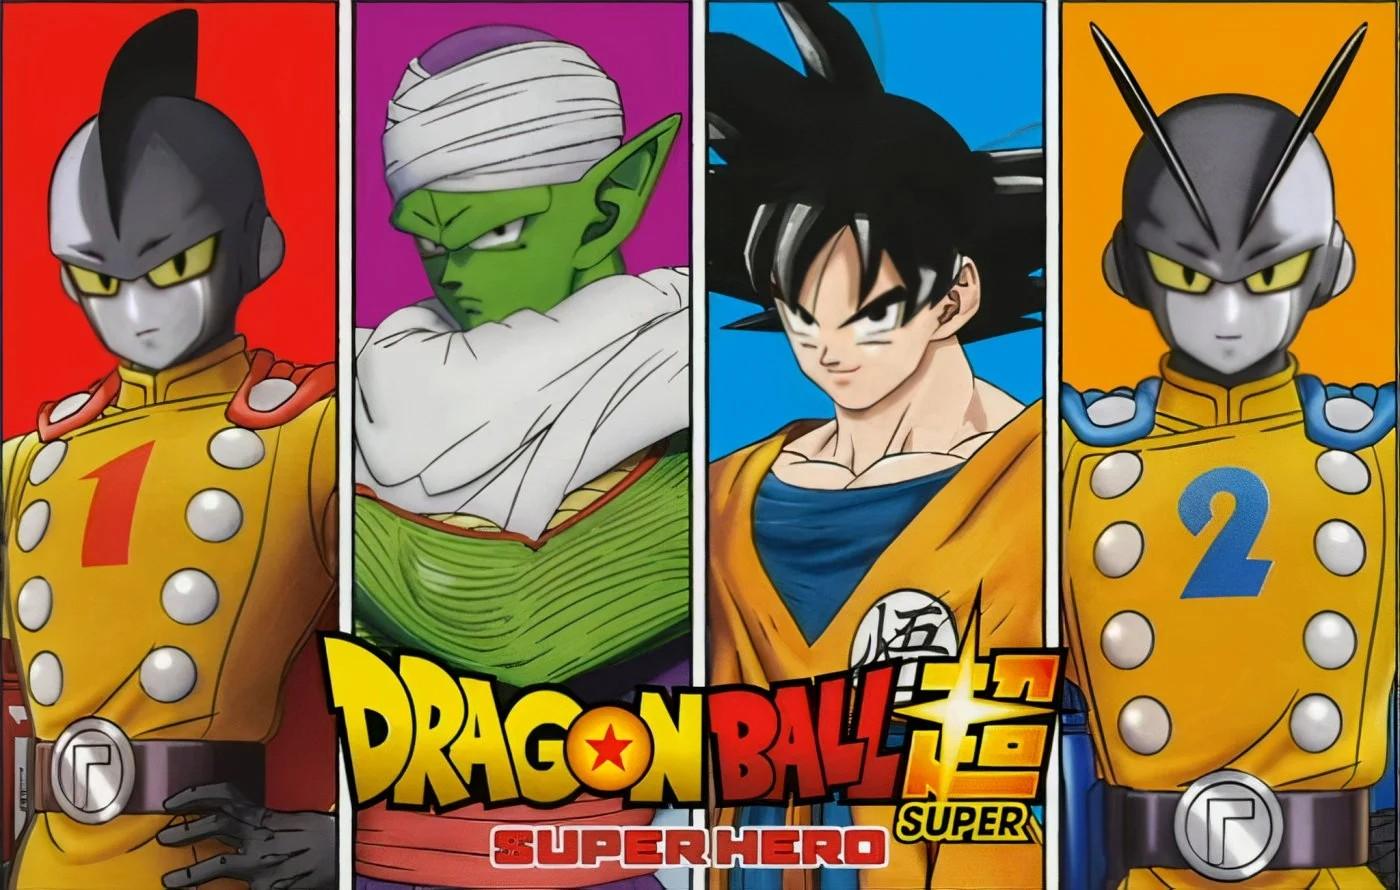 Dragon Ball Super: Super Hero primo trailer ufficiale